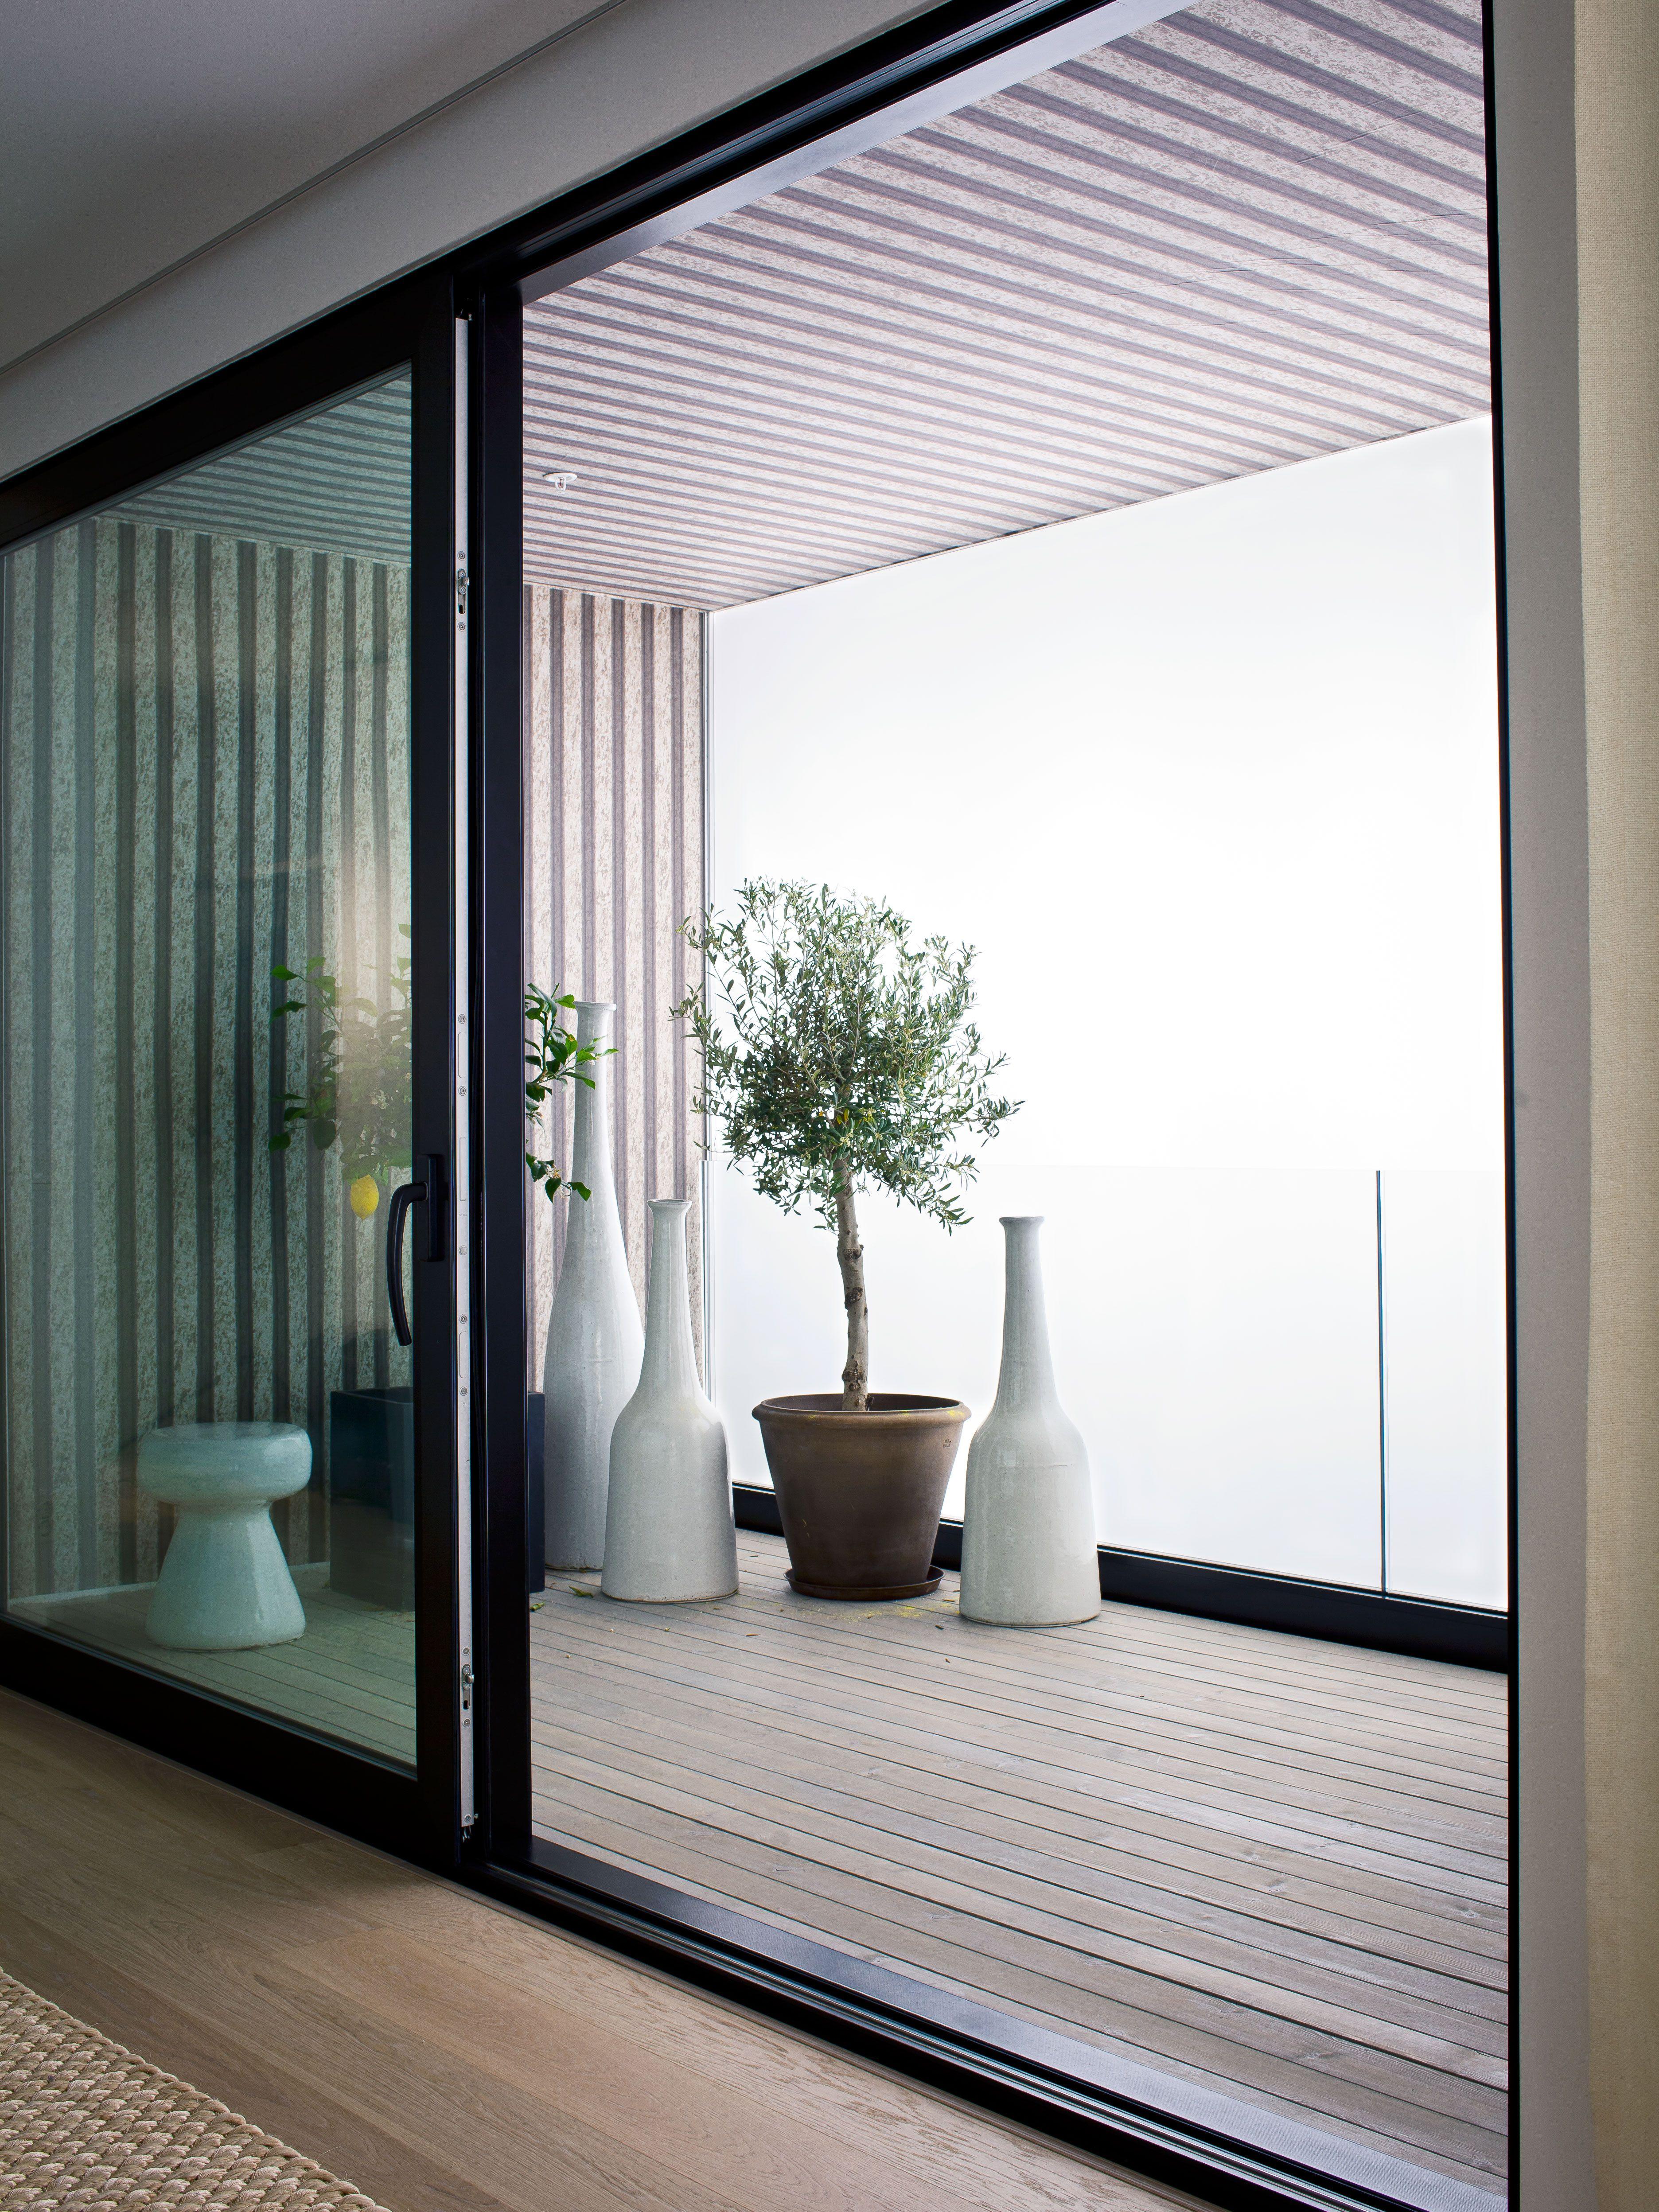 Oscar properties norra tornen balcony windows pots for Indoor balcony design